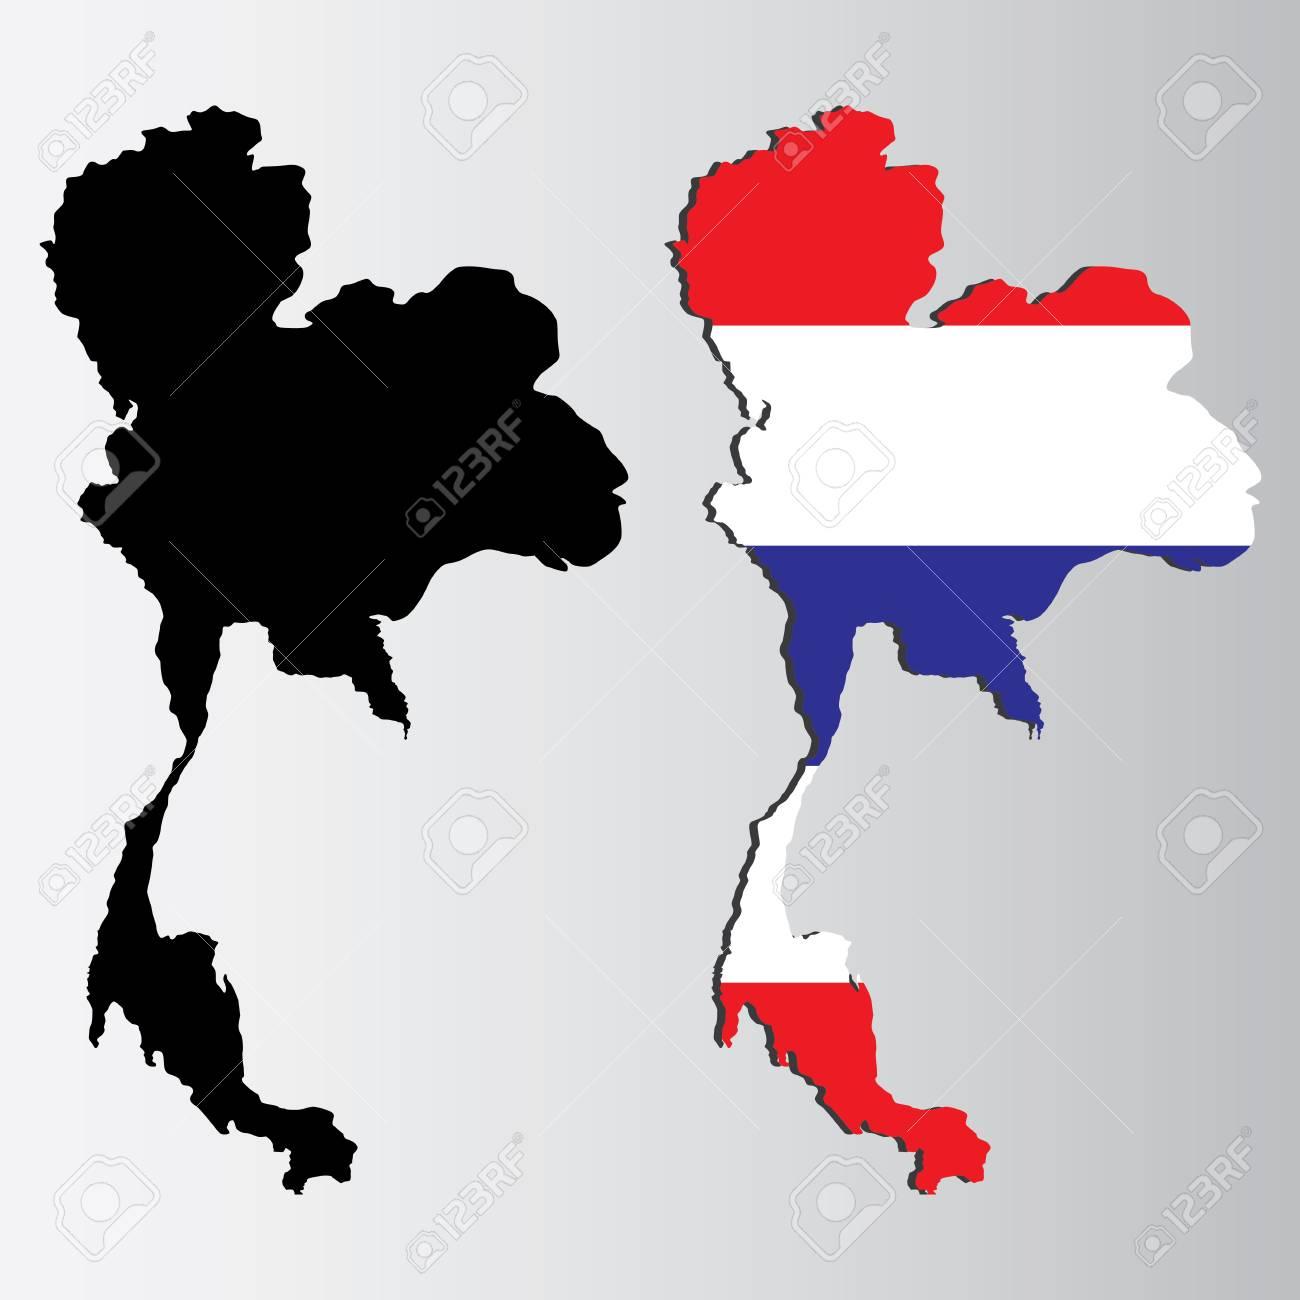 Carte Thailande Noir Et Blanc.Carte De La Thailande Dans Le Drapeau National Et Design Noir Sur Fond Blanc